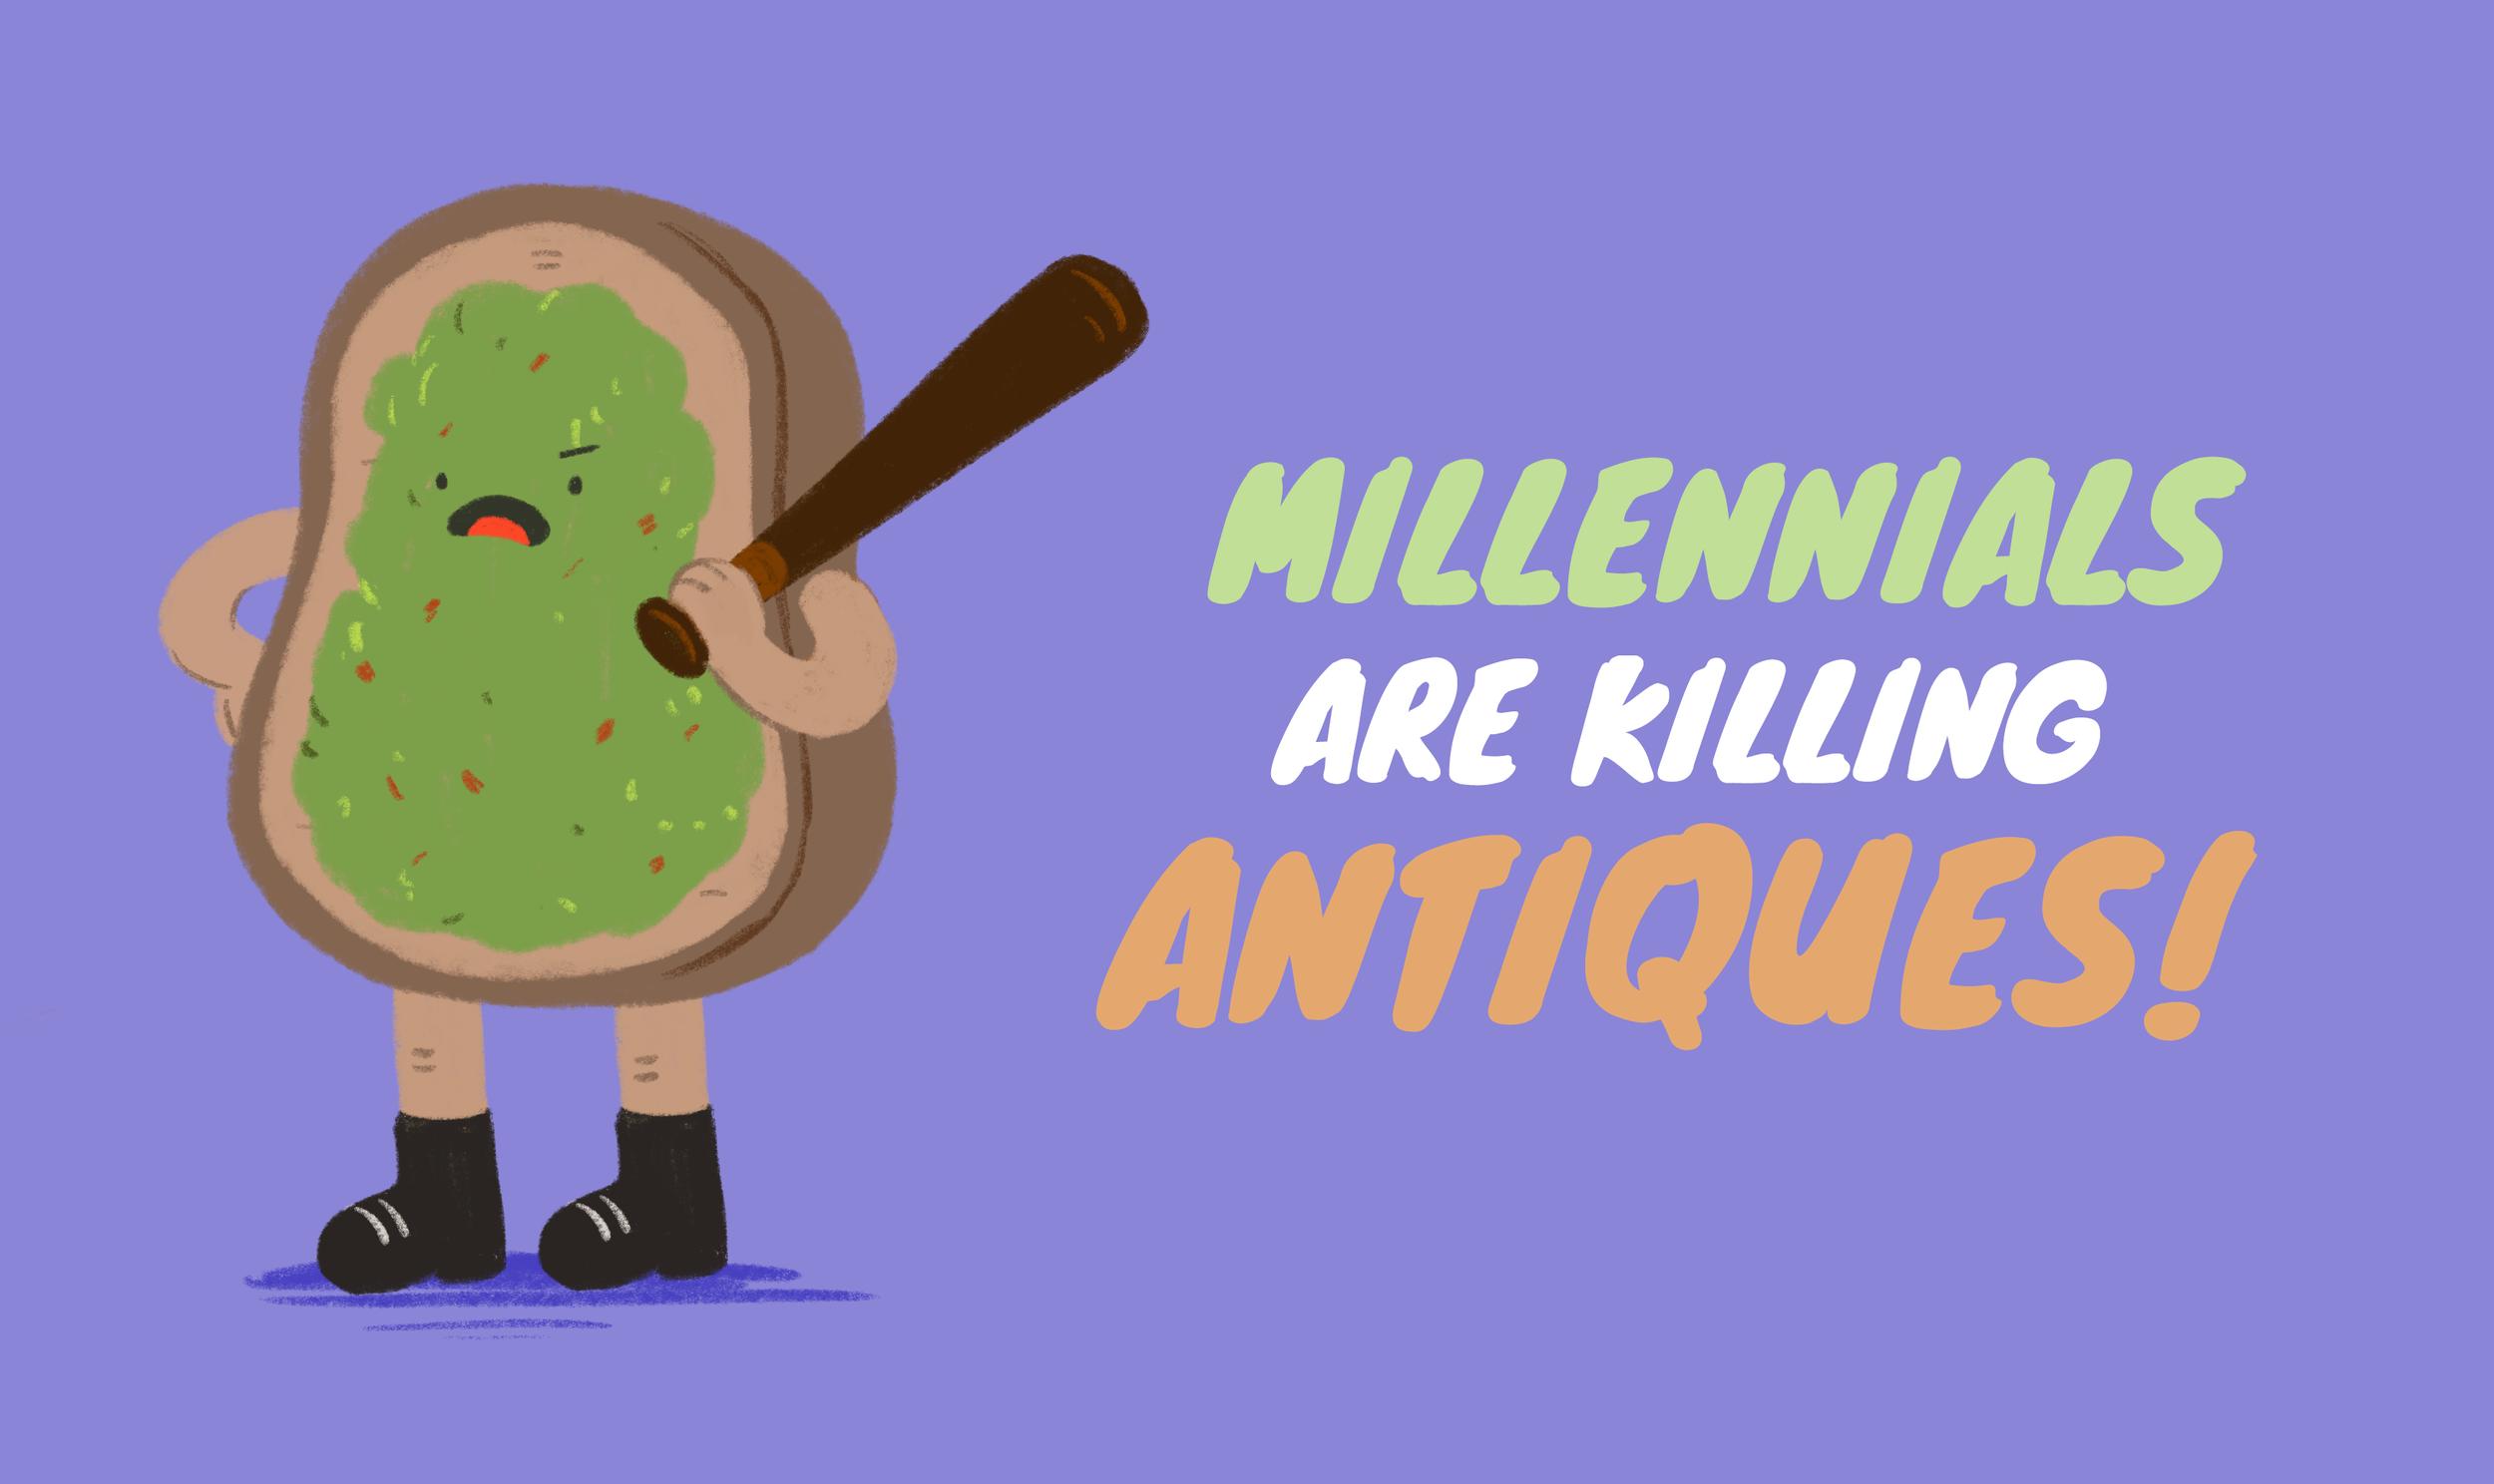 millennialsarekillingantiques_title_v01.png